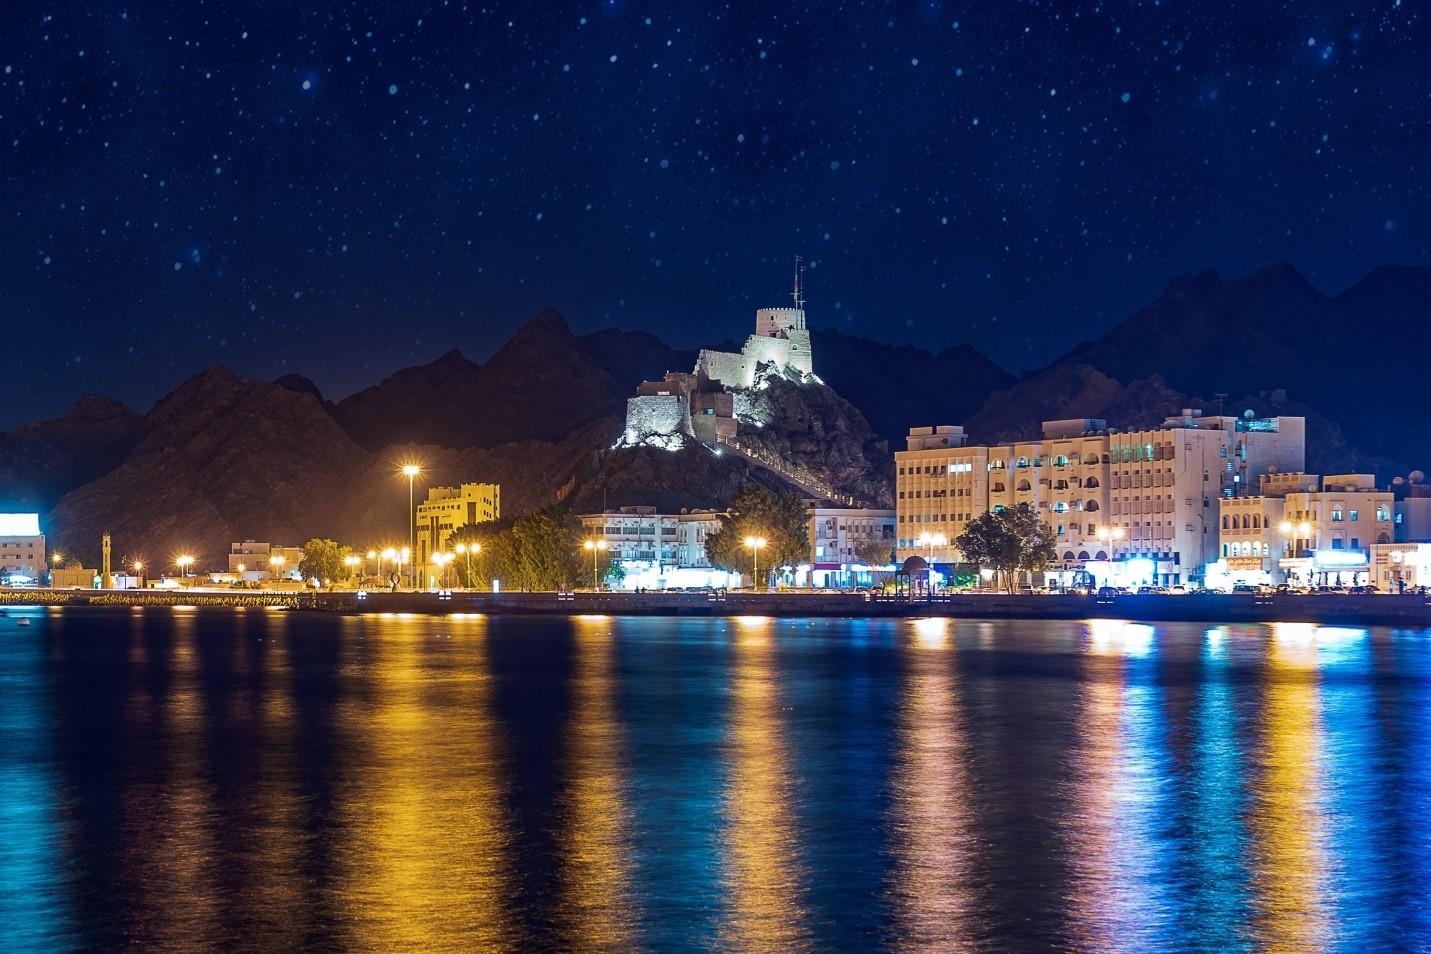 سفری خاطرهانگیز را با تور عمان تجربه کنید